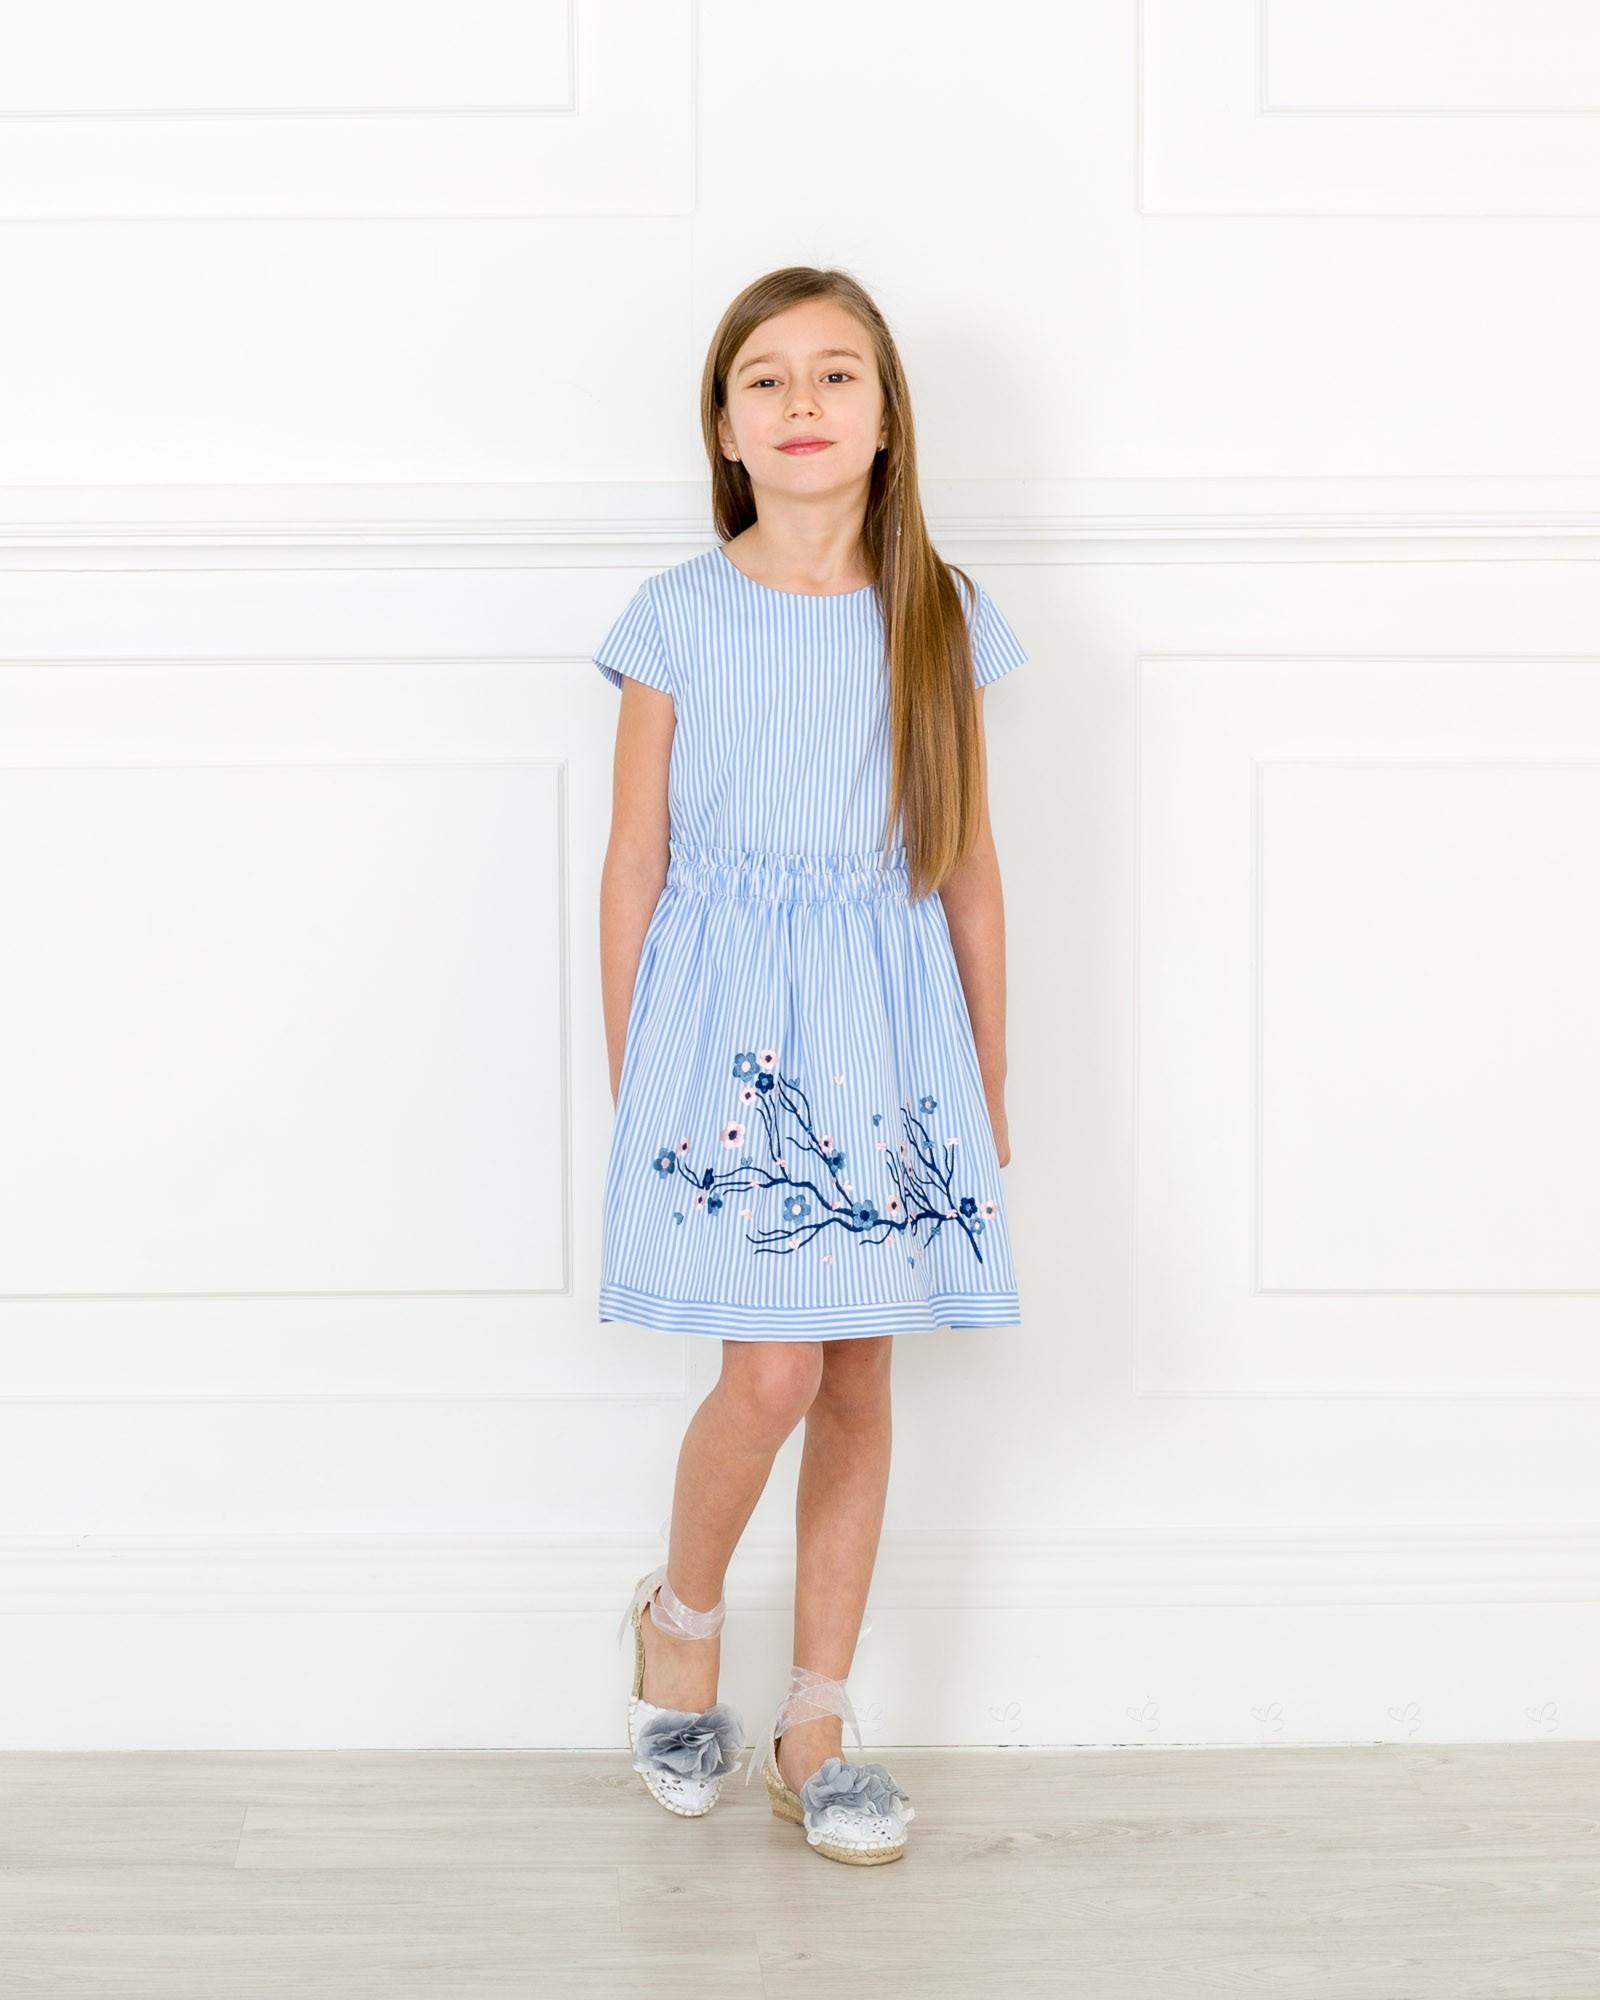 e781c4f44 ... Meilisa Bai Vestido Niña Bordado Floral Rayas Azul Blanco ...